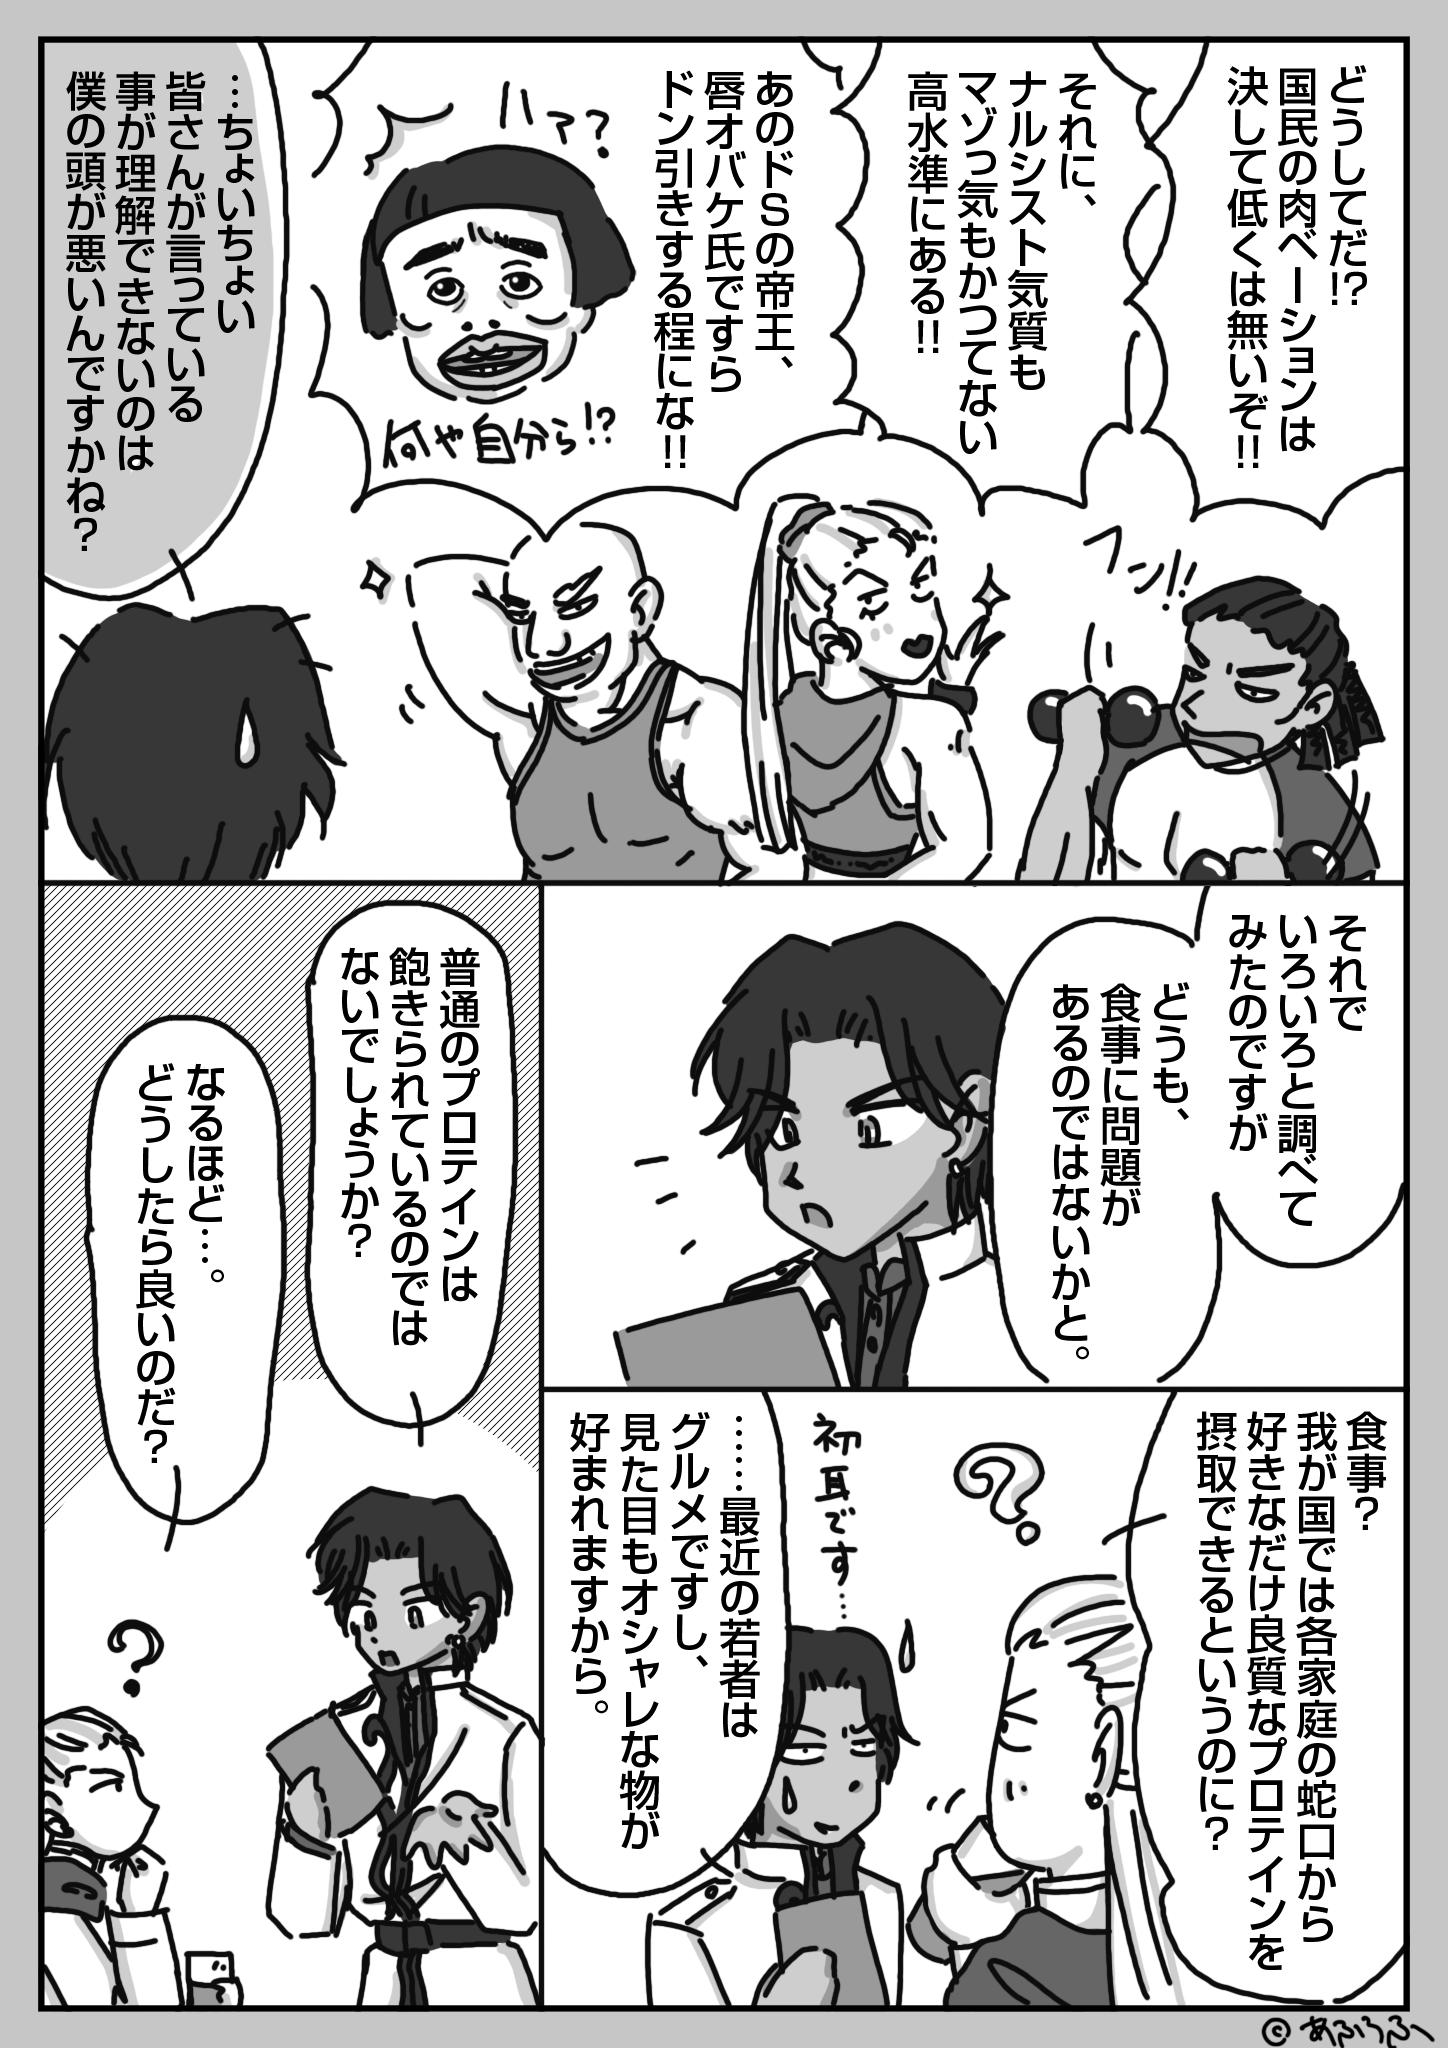 火の魔王とタピオカ入りプロテイン (5)